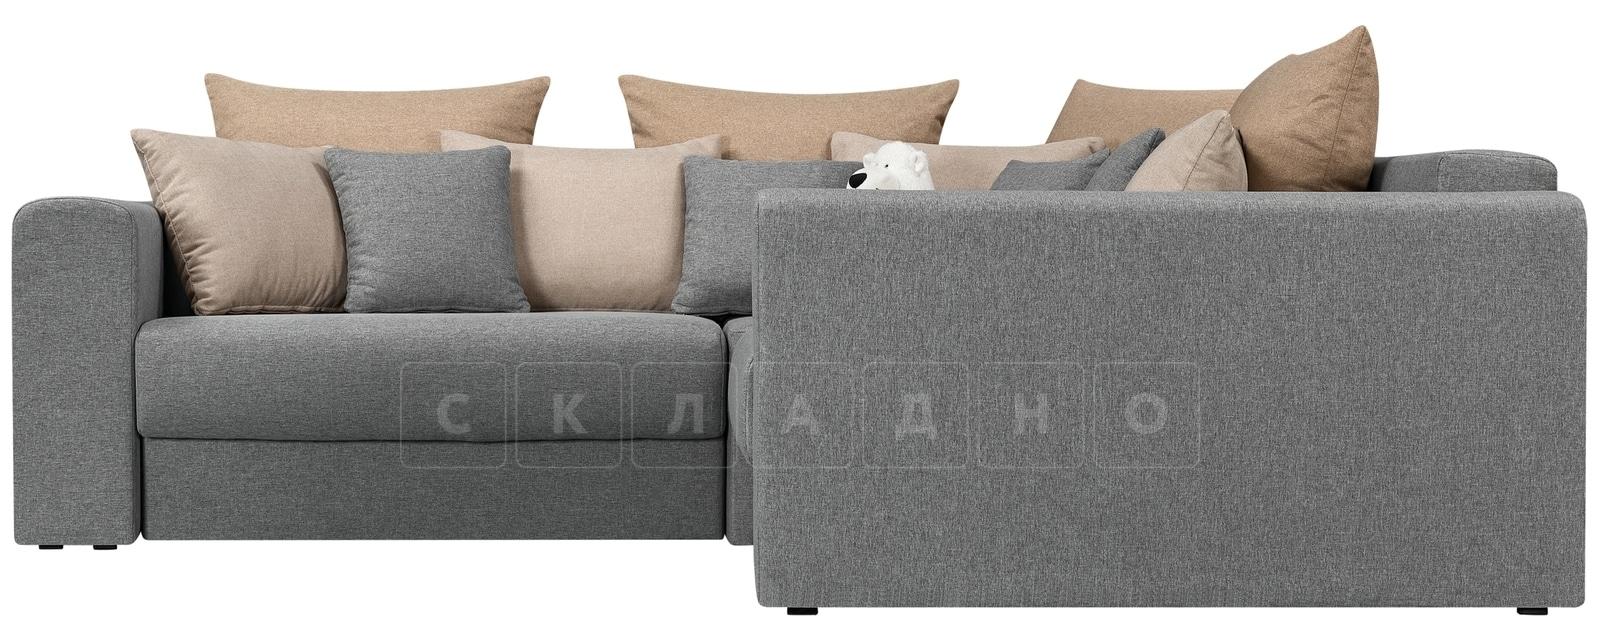 Угловой диван Медисон серый 244х224 см фото 2 | интернет-магазин Складно